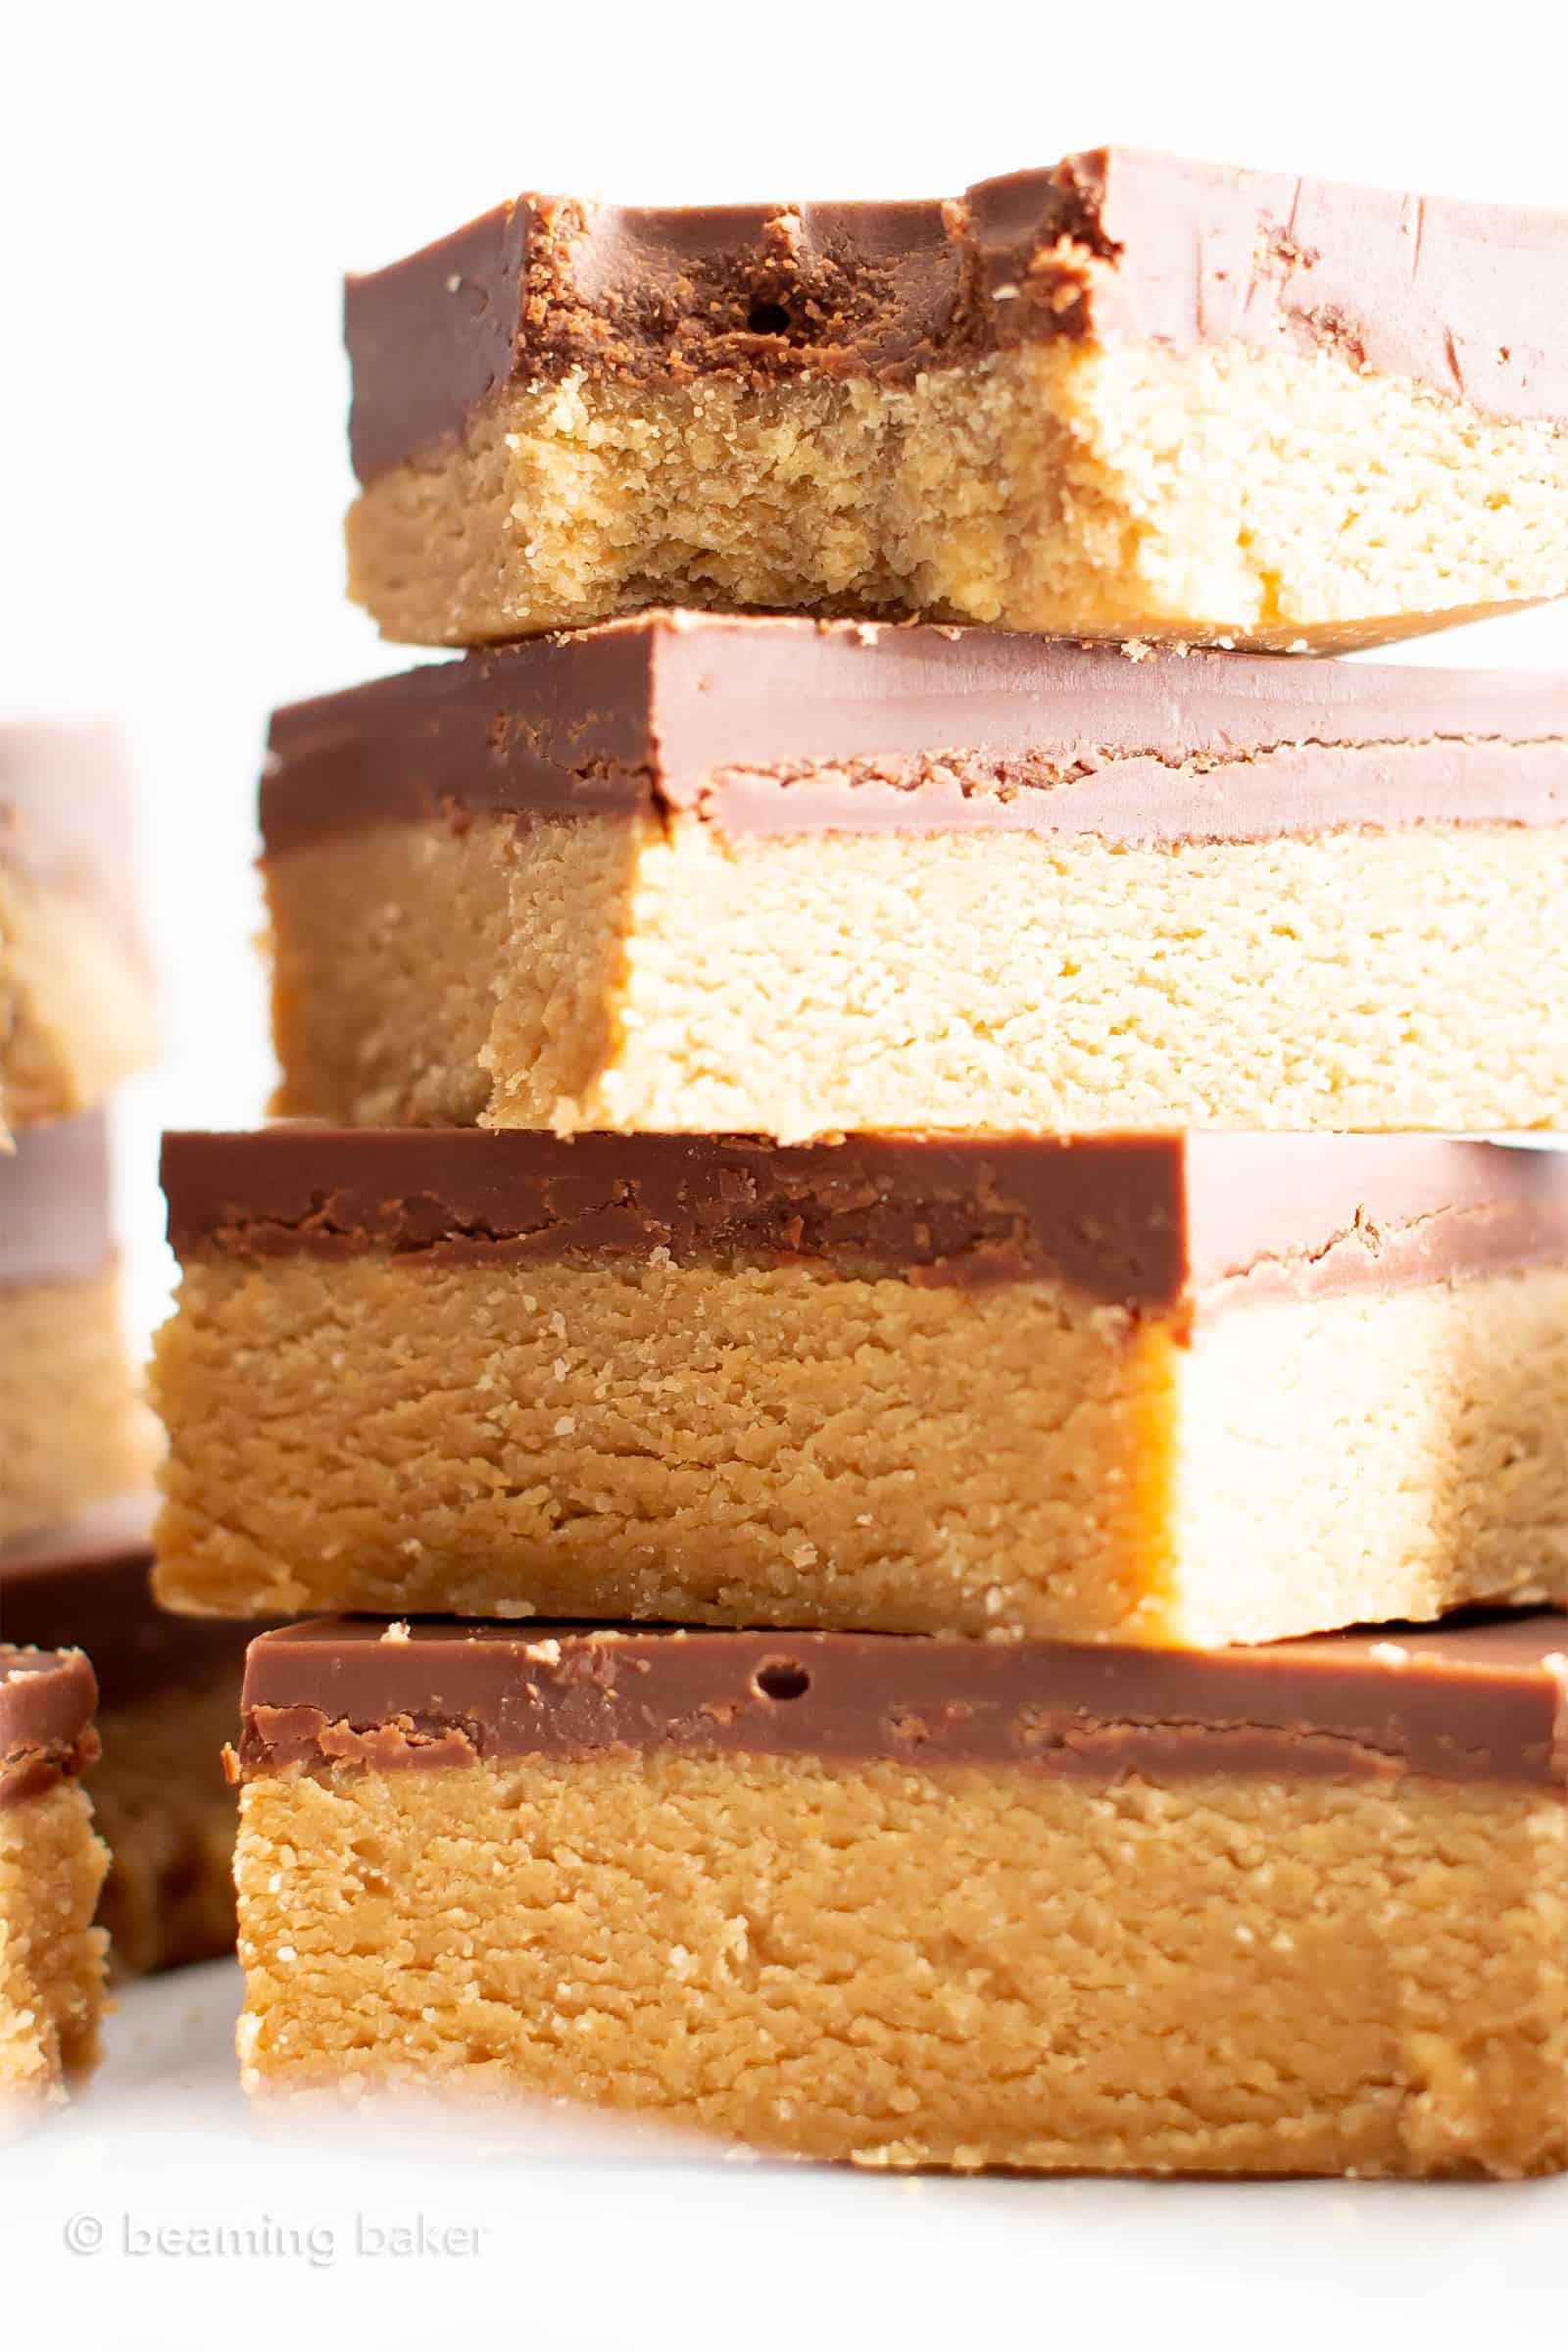 Easy Vegan Dessert Healthy  4 Ingre nt Easy Vegan Chocolate Peanut Butter Bars